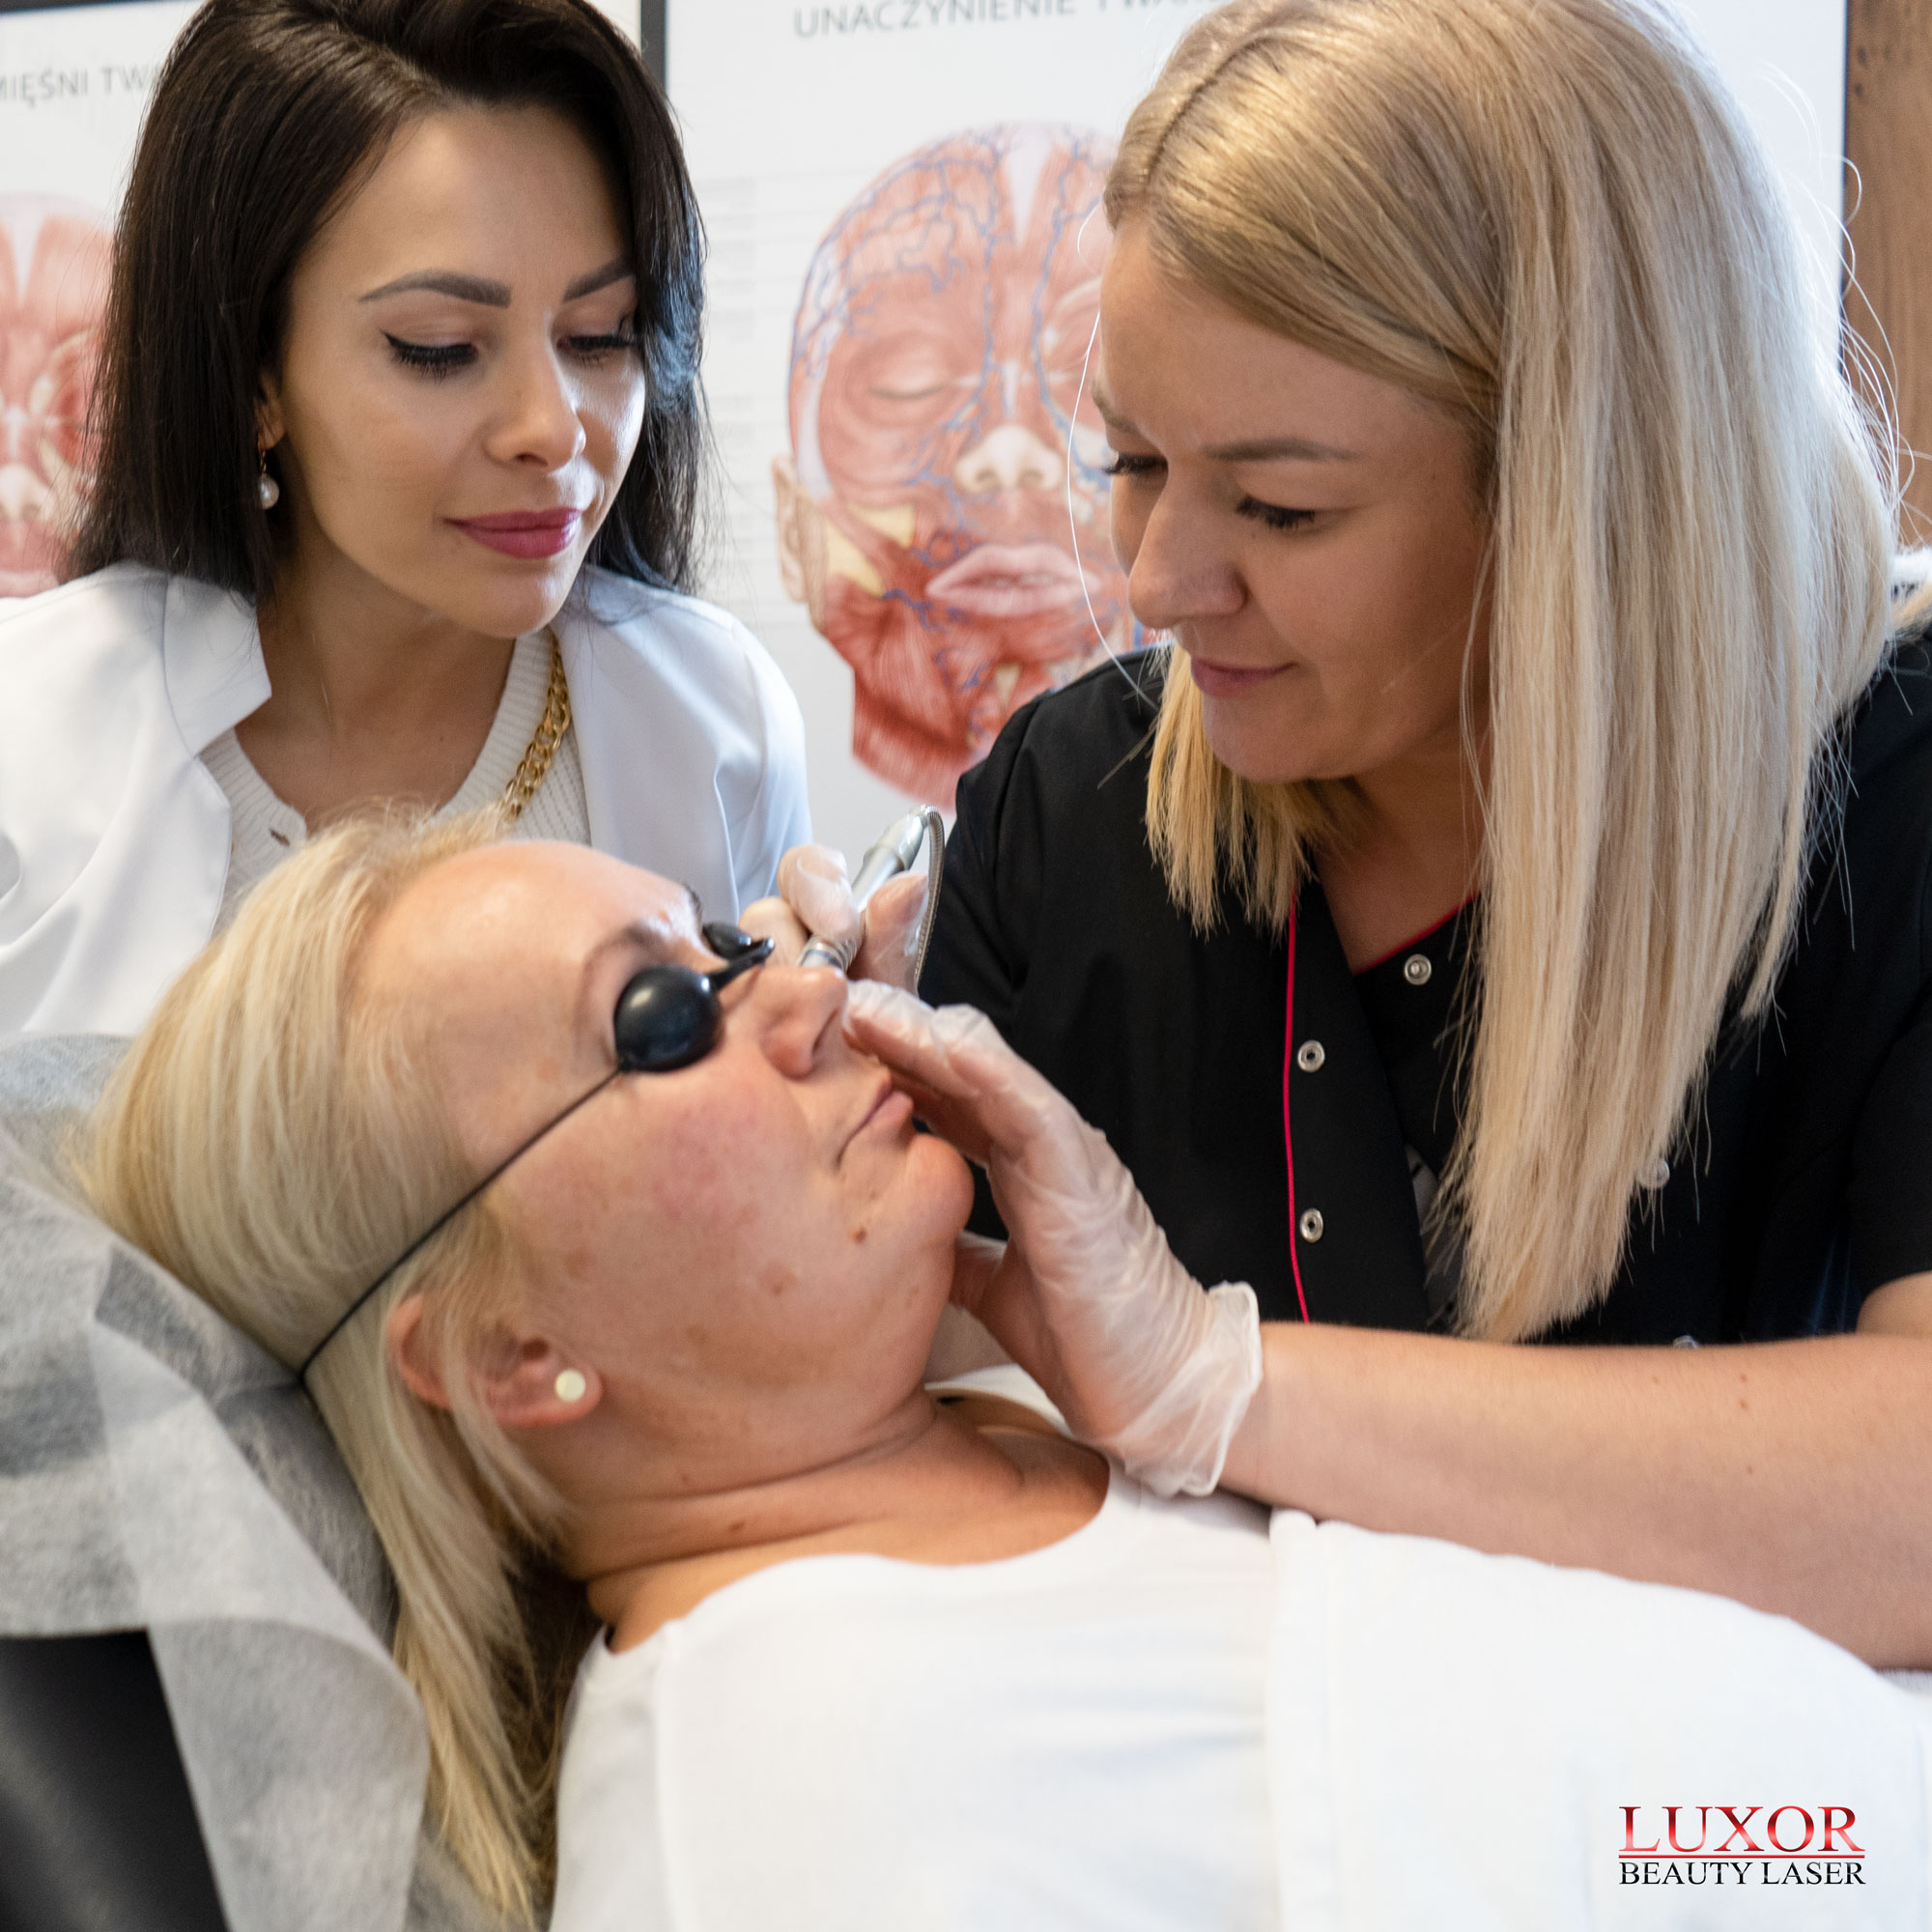 Po terapii można zauważyć natychmiastowy efekt naświetlania skóry laserem